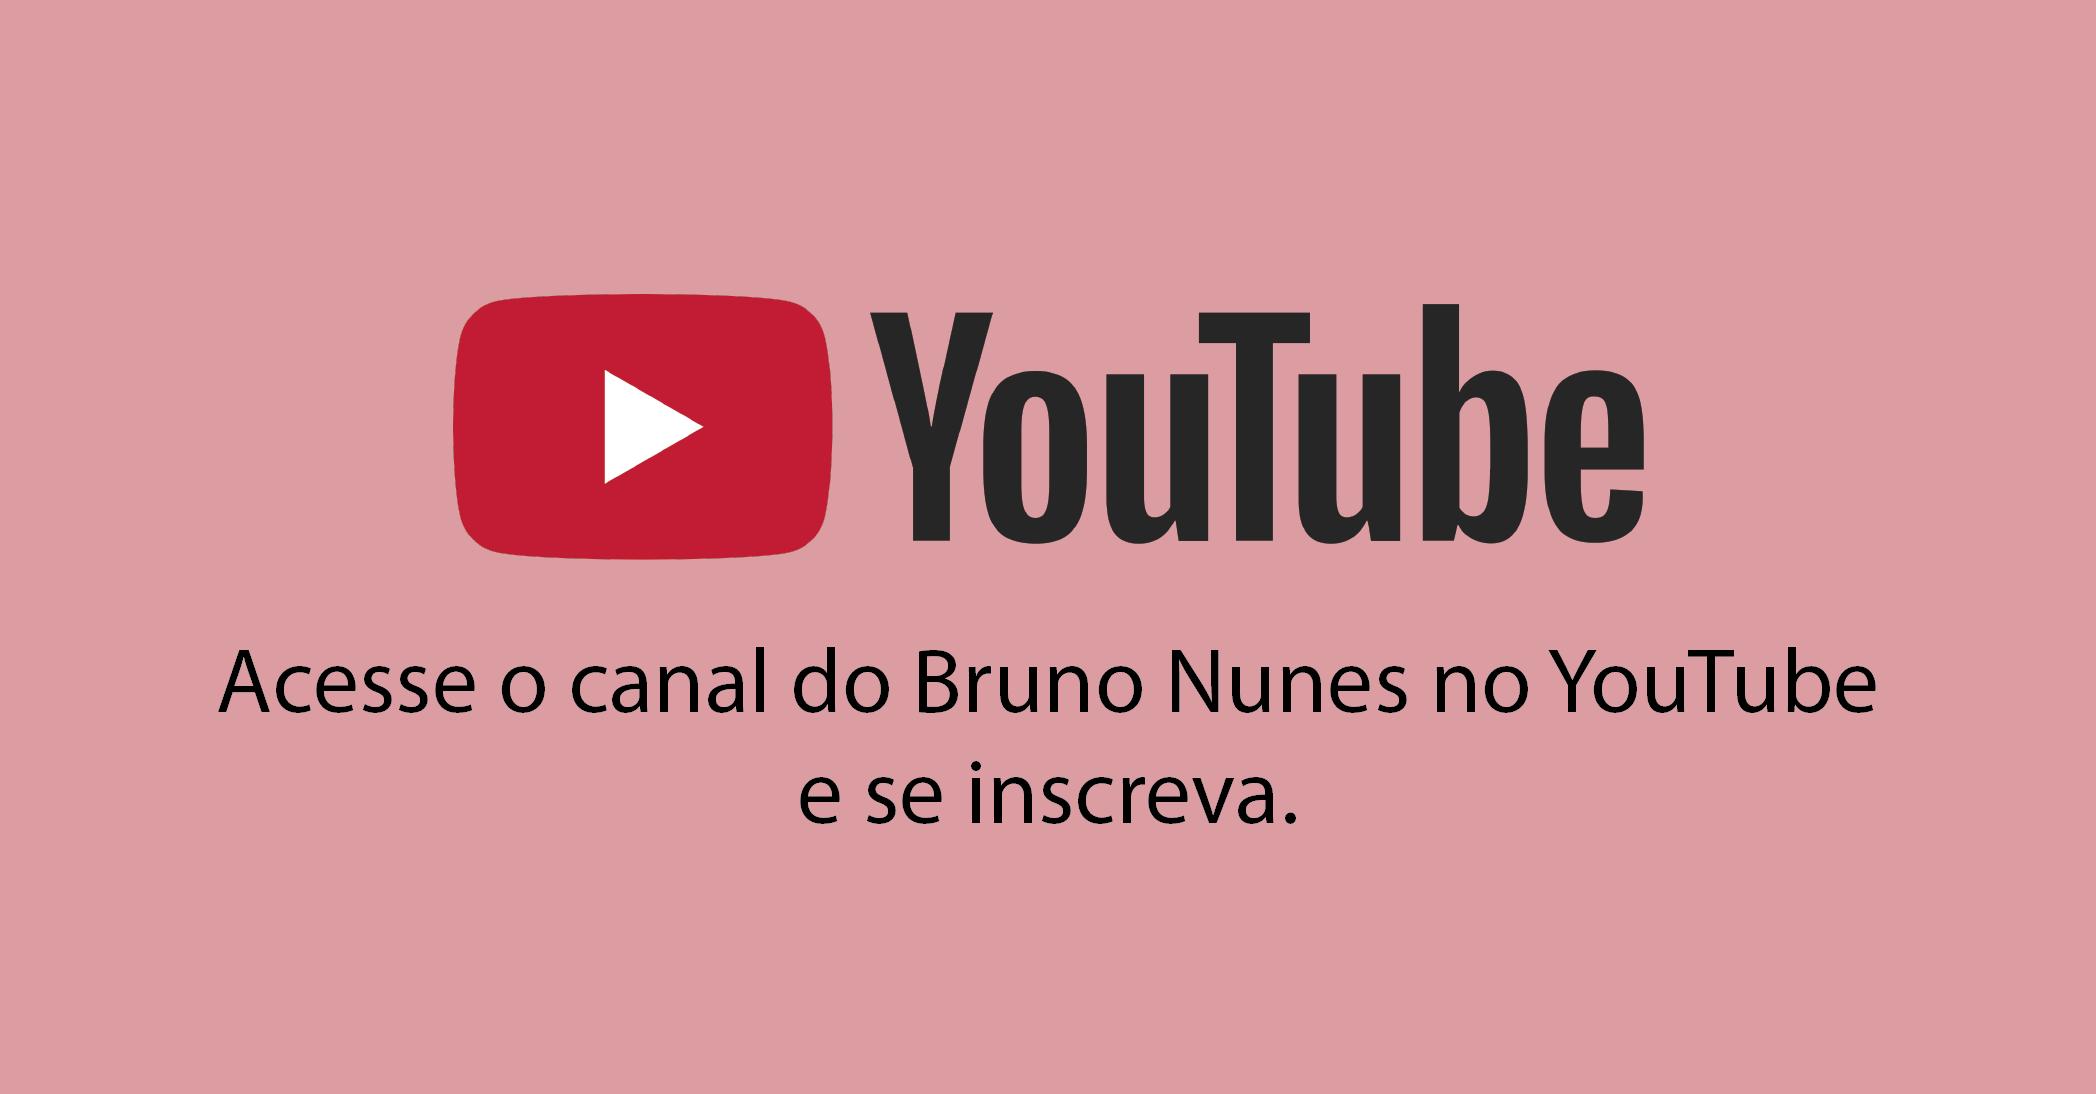 Acesse o canal do Bruno Nunes no YouTube e se inscreva